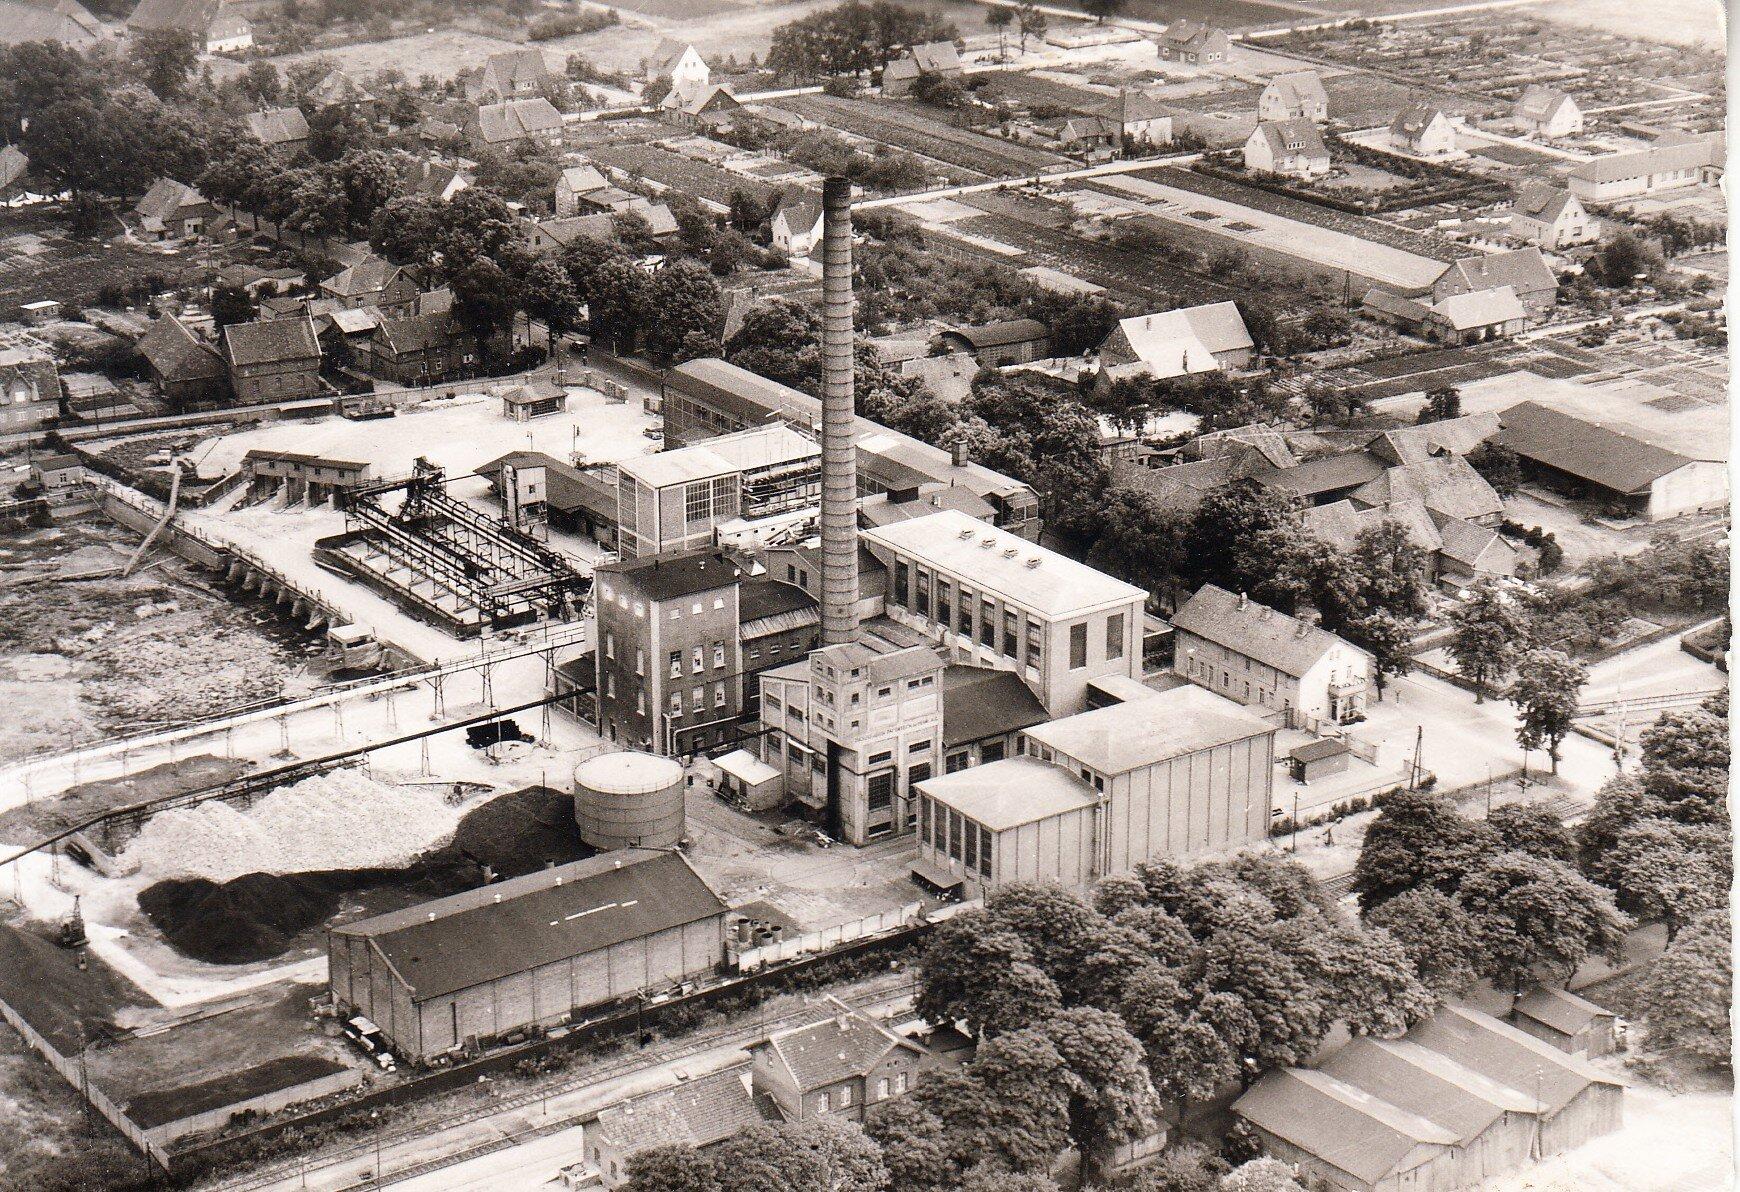 Zuckerfabrik Meine